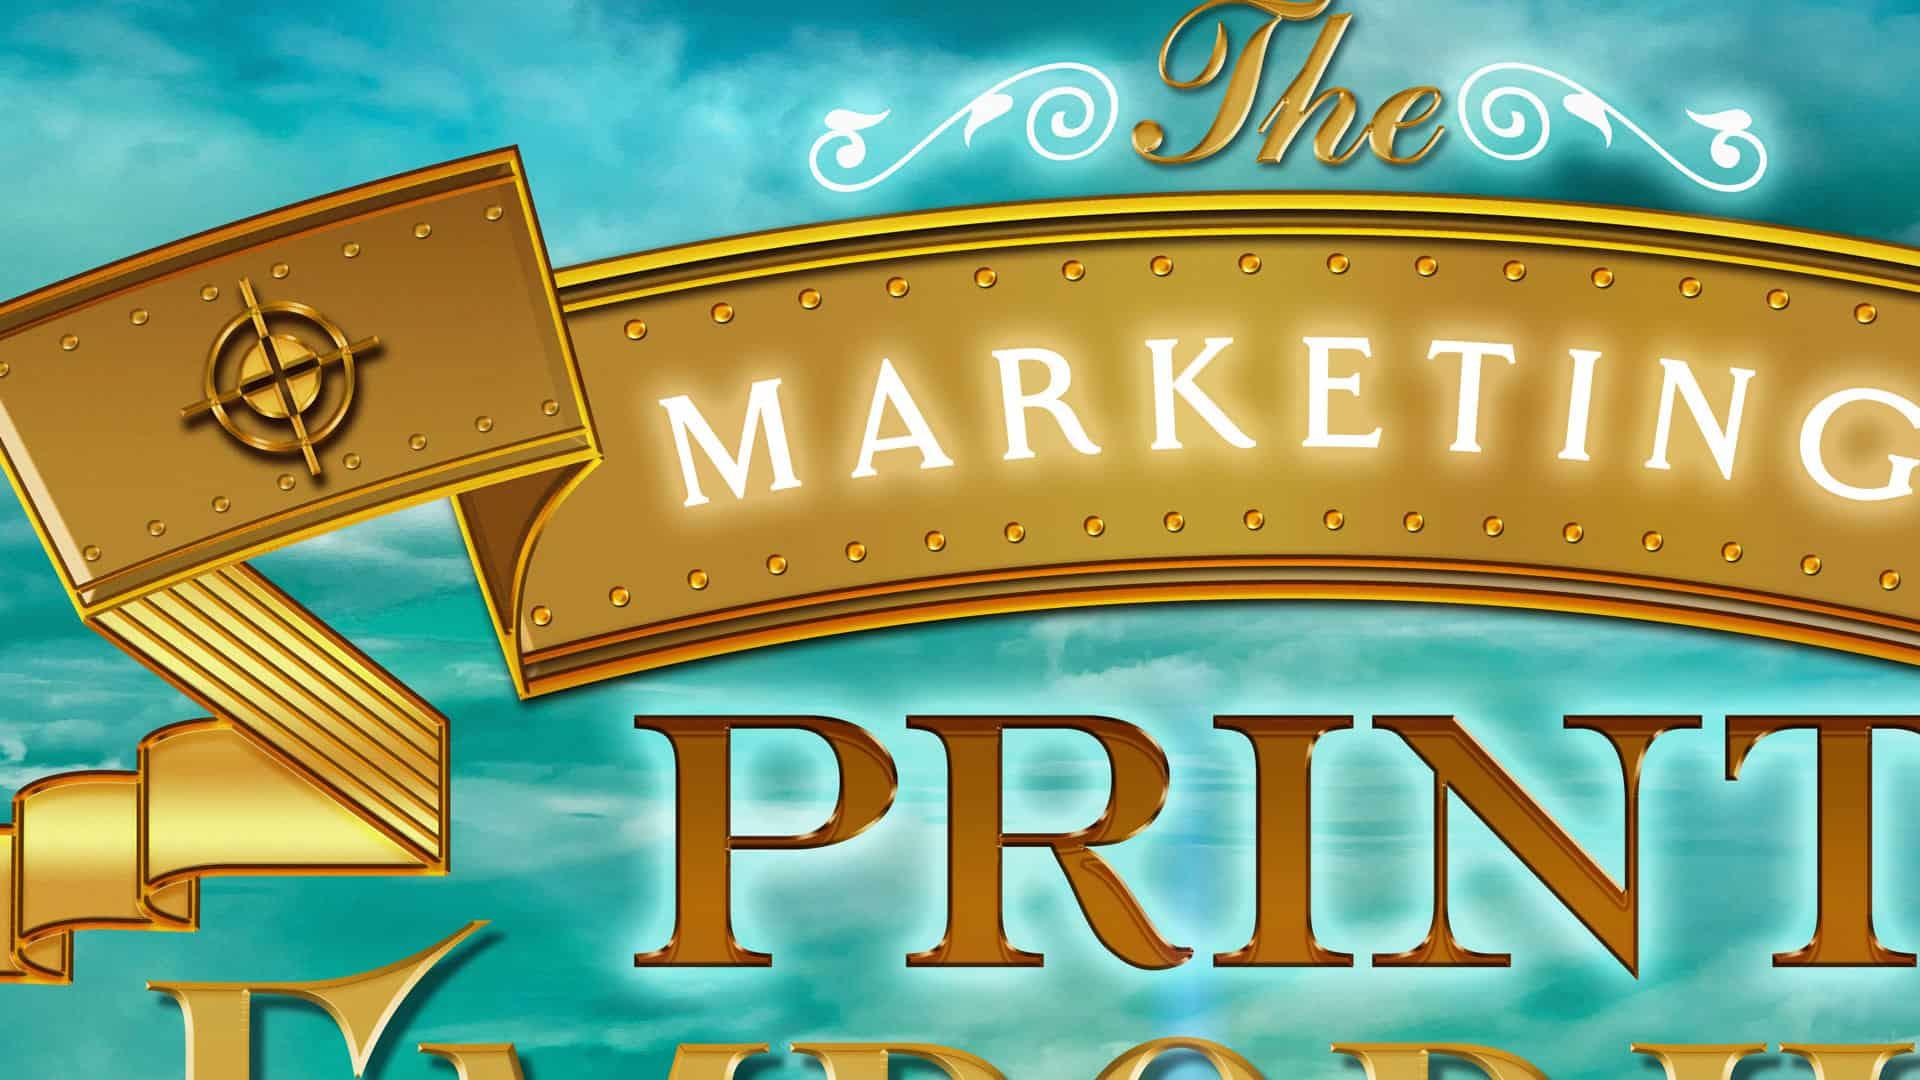 Marketing Print Emporium Image 4